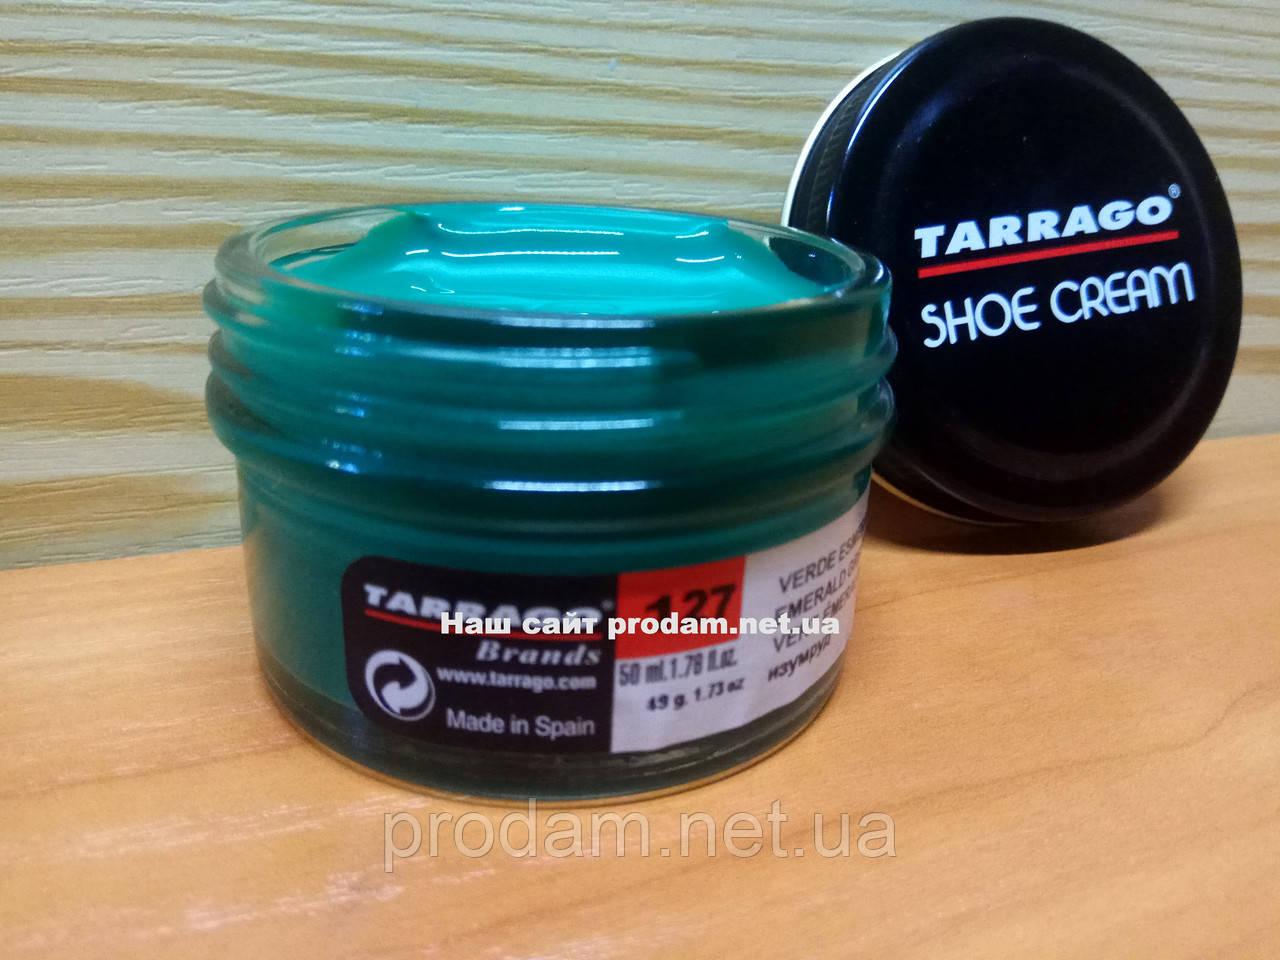 Крем для обуви Tarrago 50 мл цвет изумрудный зелёный